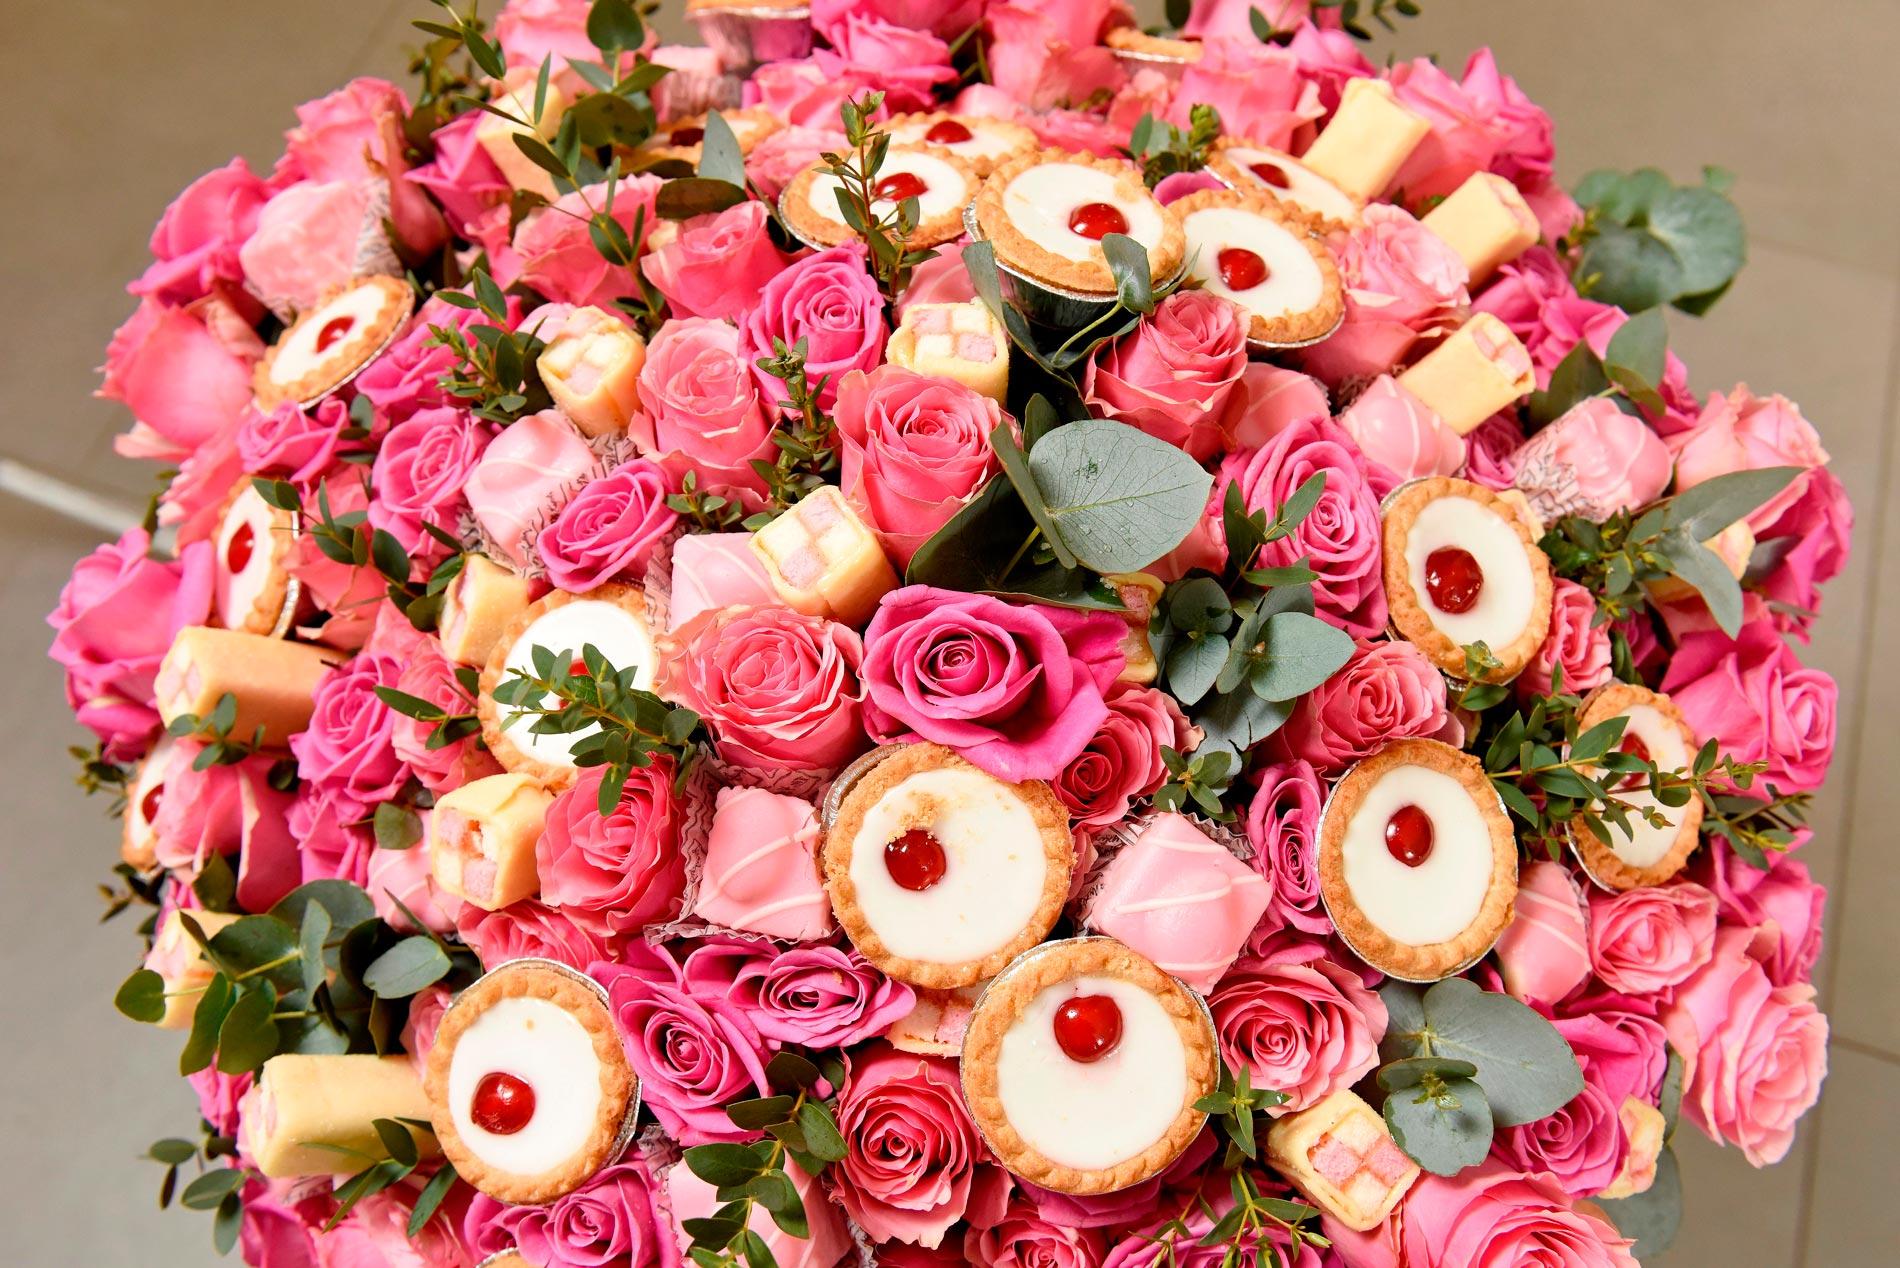 Image Result For Design A Cake Mr Kipling